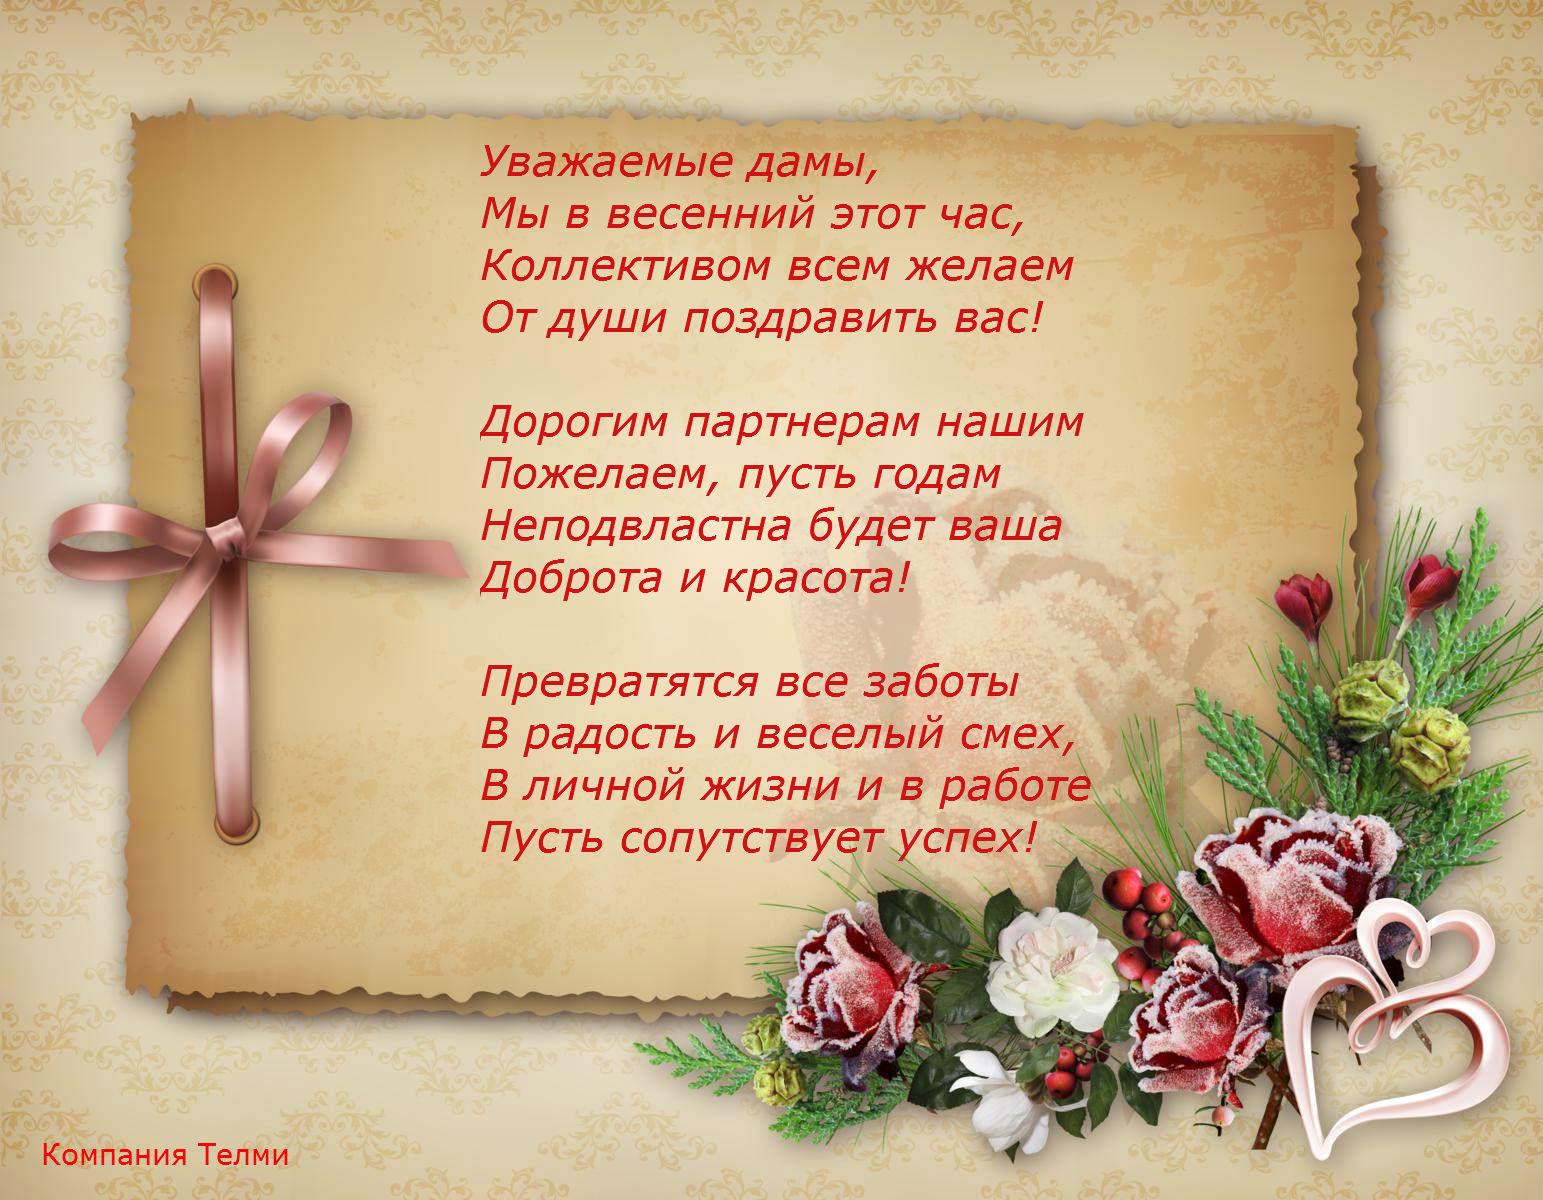 Поздравления с 8 марта партнерам